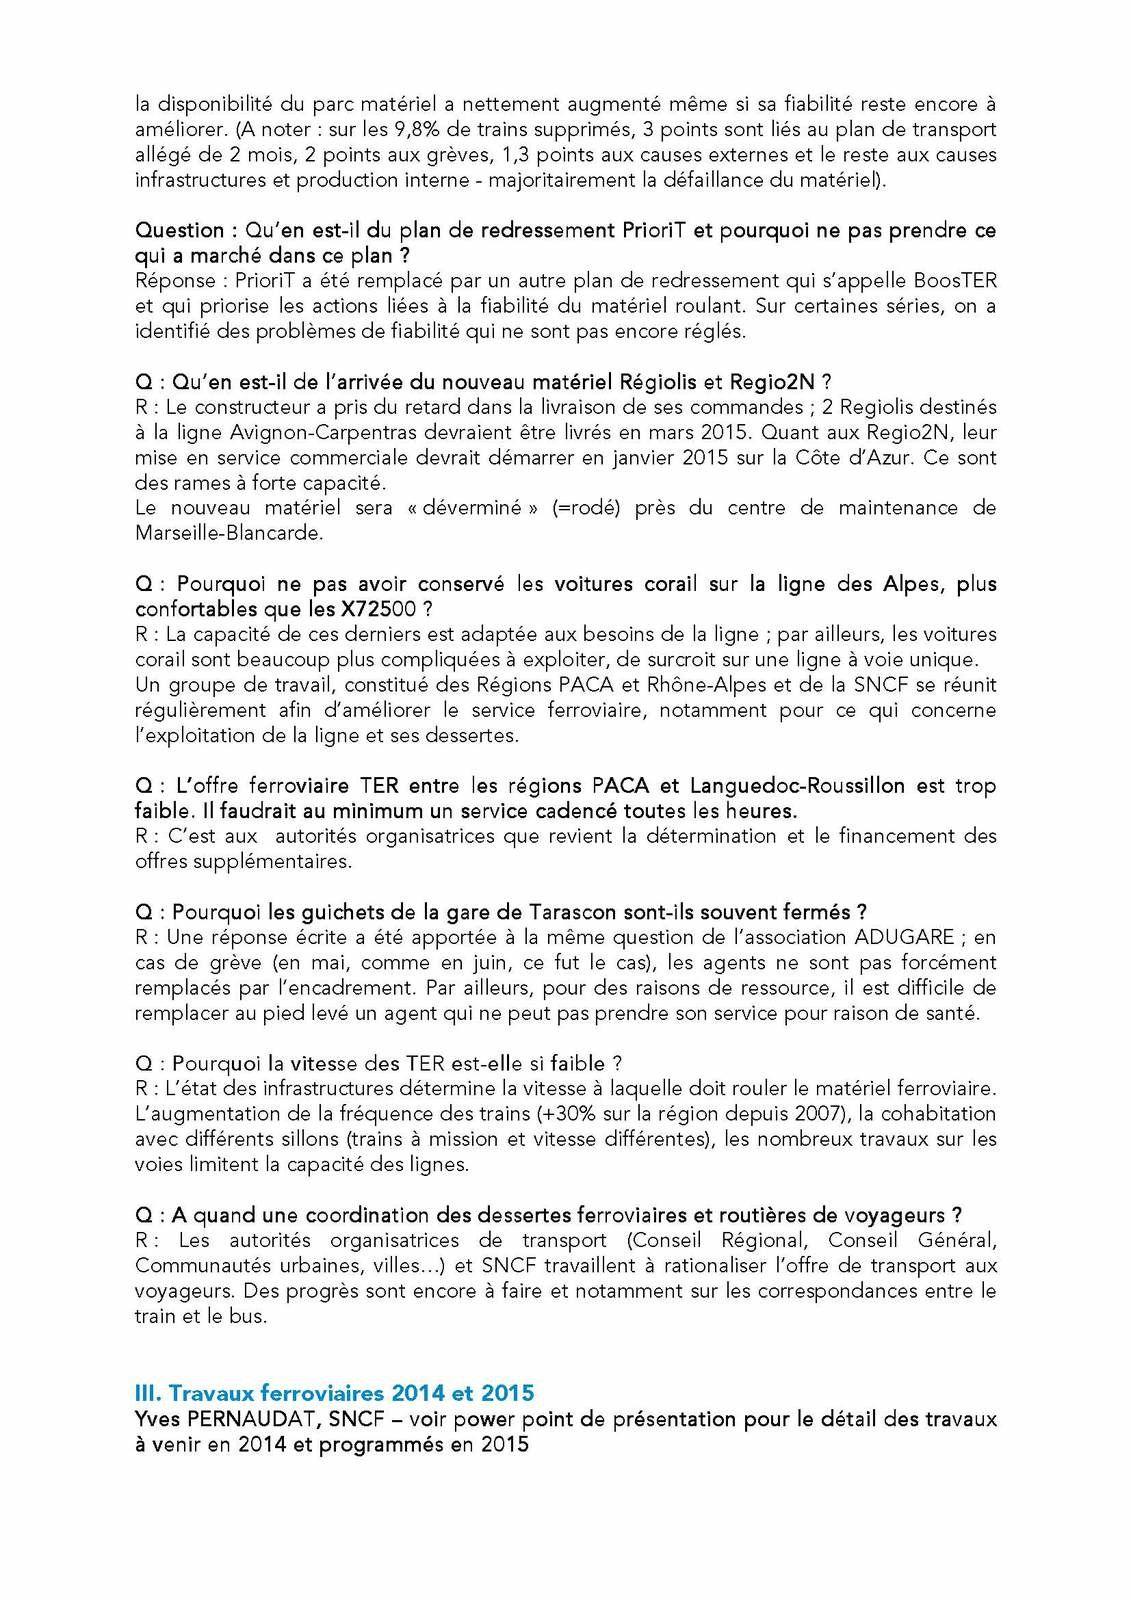 Compte rendu de la réunion SNCF-associations du 9 juillet